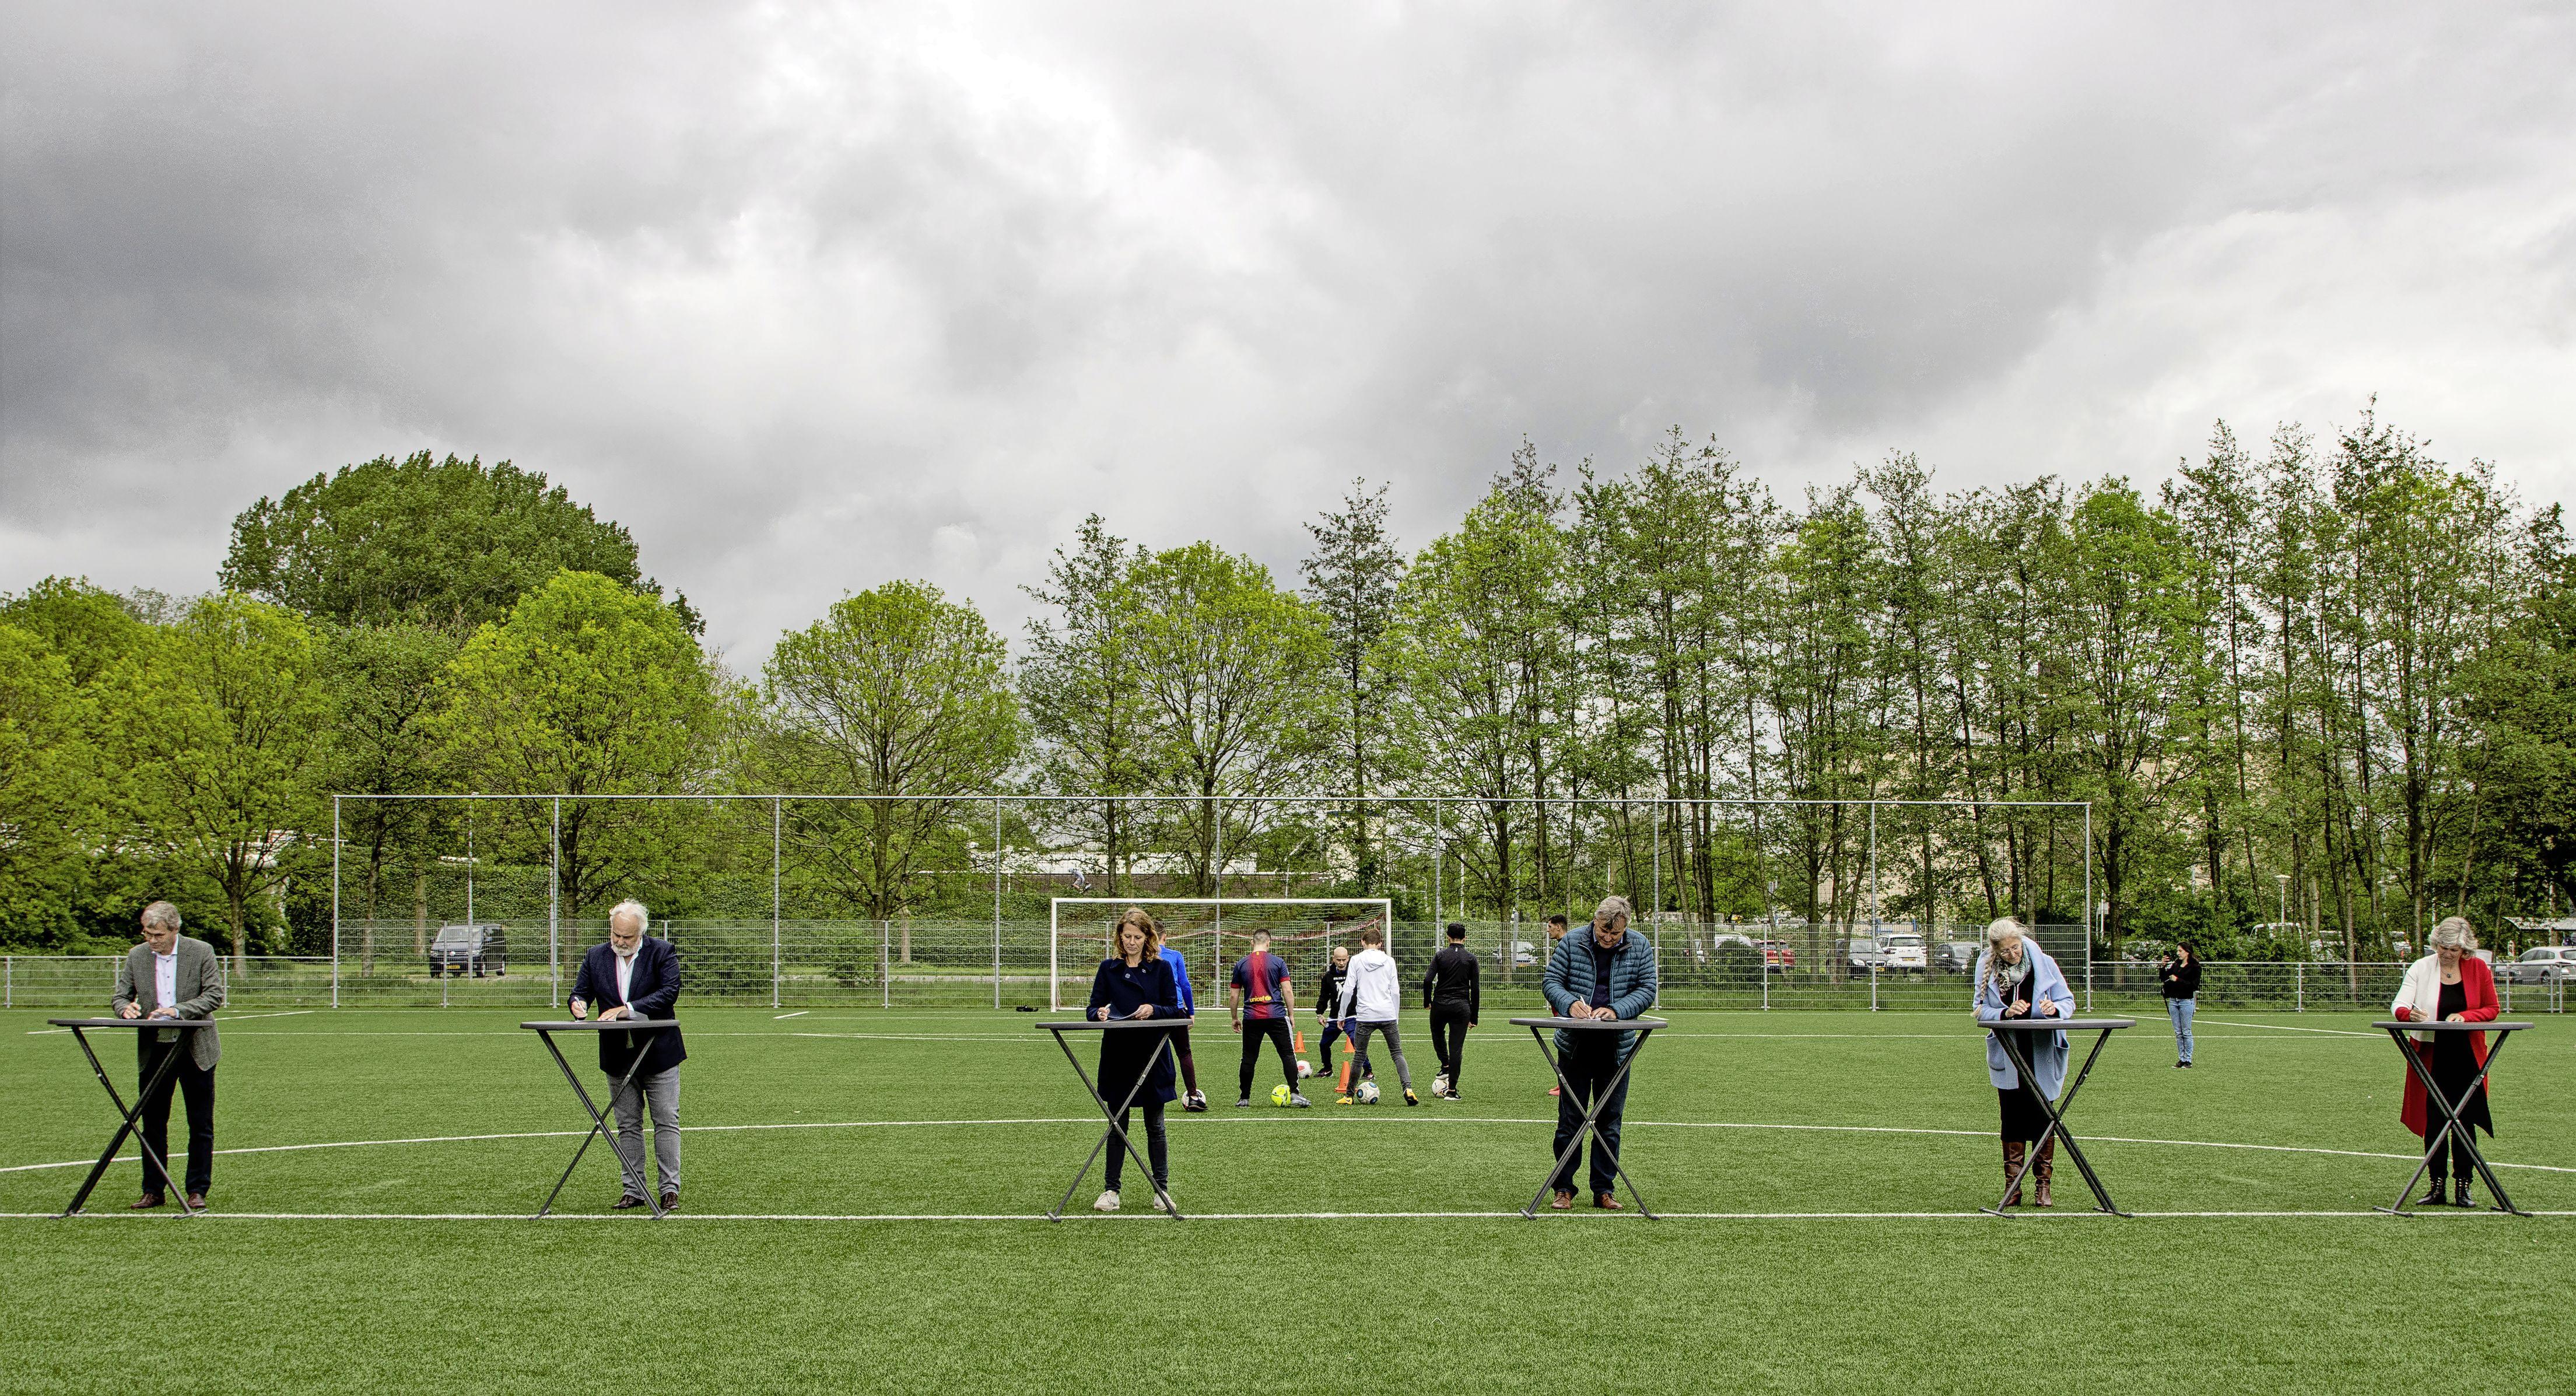 Convenant ondertekend in Zaandam om jongeren meer te laten sporten: 'Voor kinderen van gedetineerden is er vaak geen geld om hen te laten voetballen'